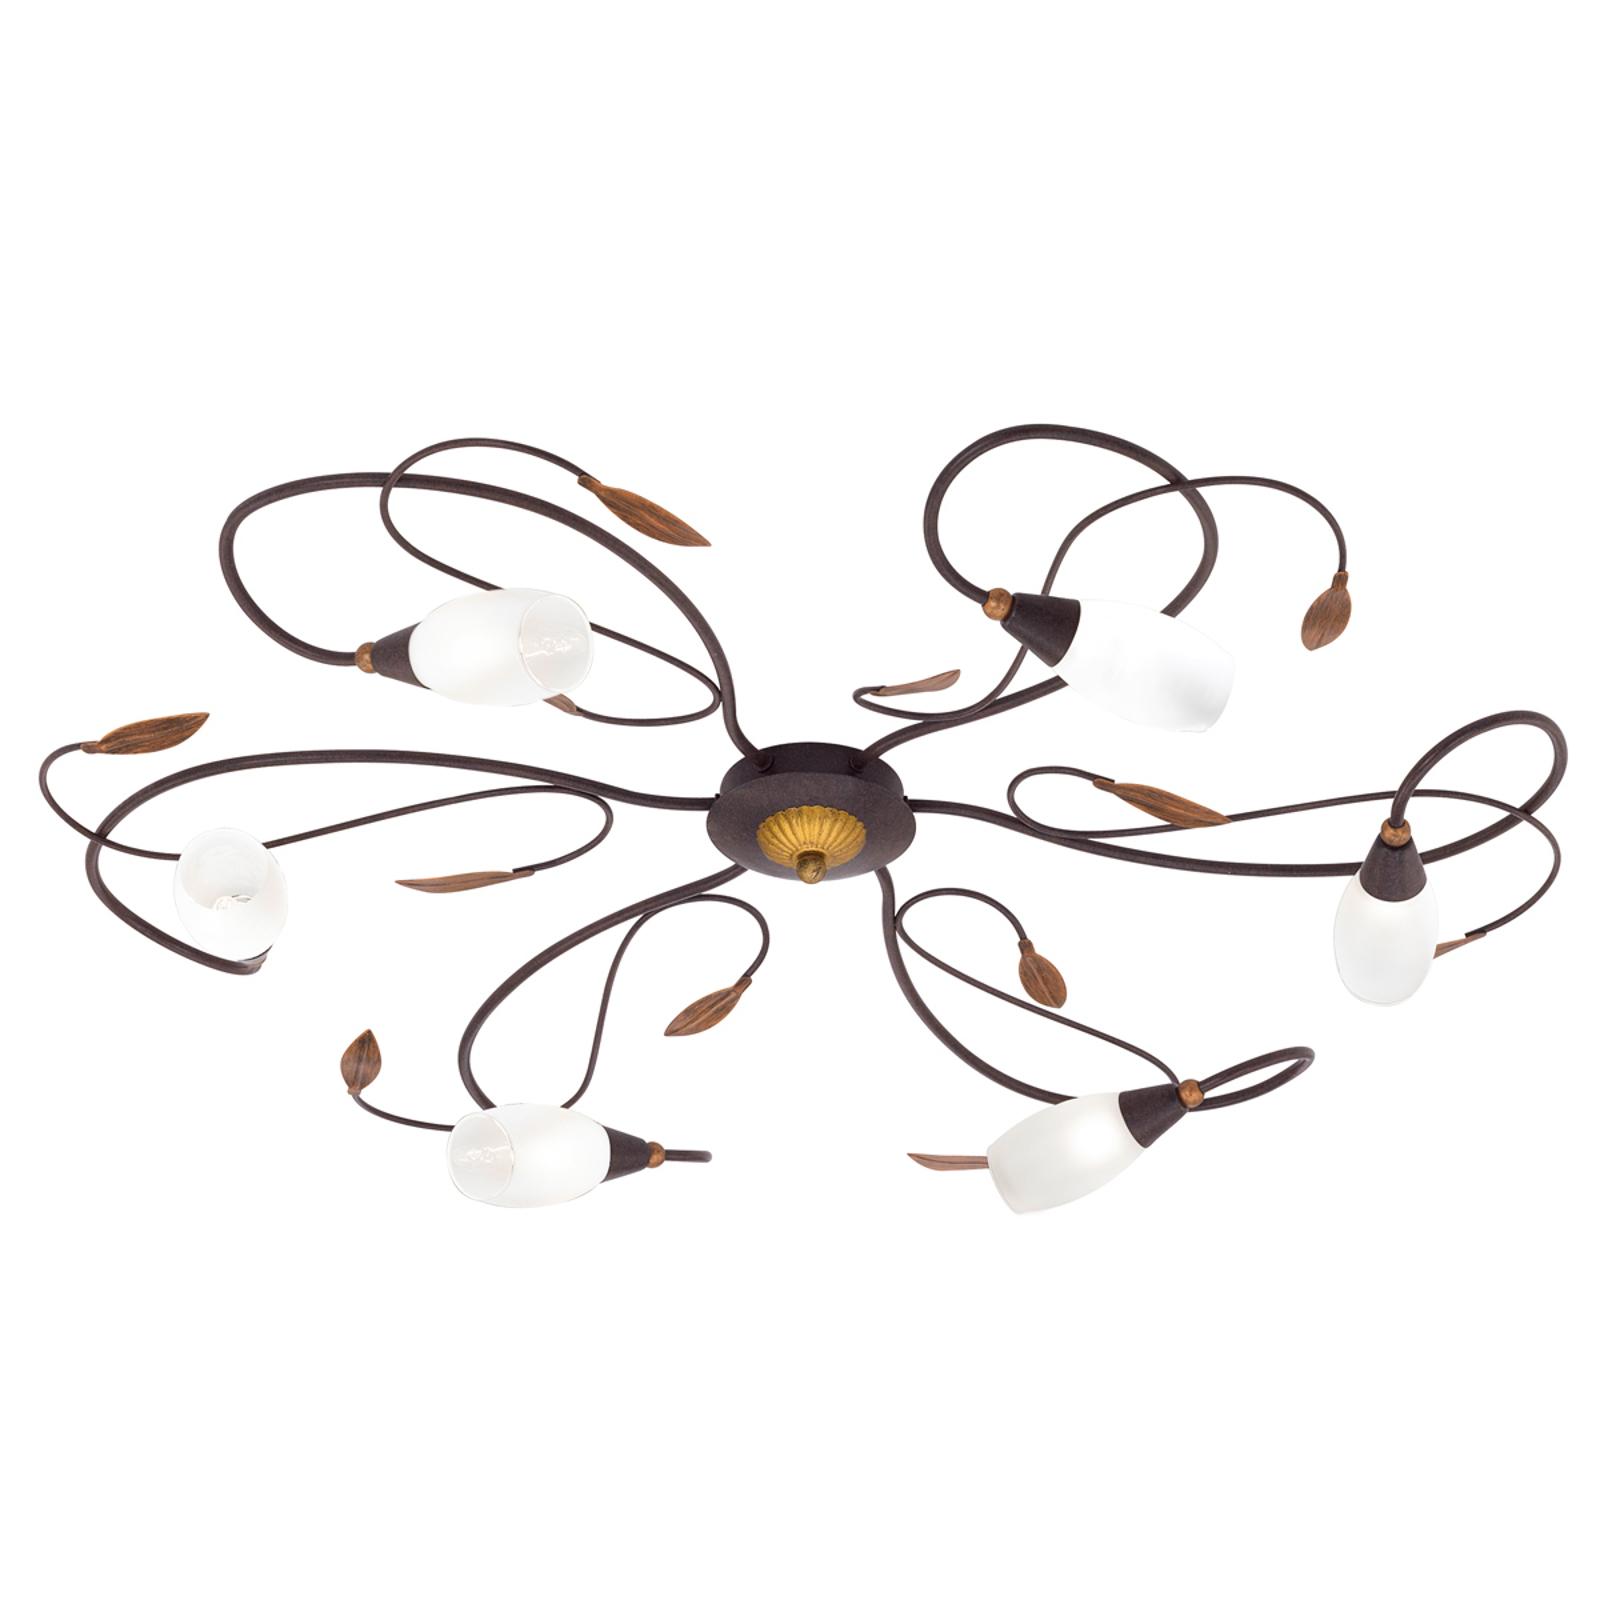 Stropní lampa Gerbera v designu květu, 6-žár.